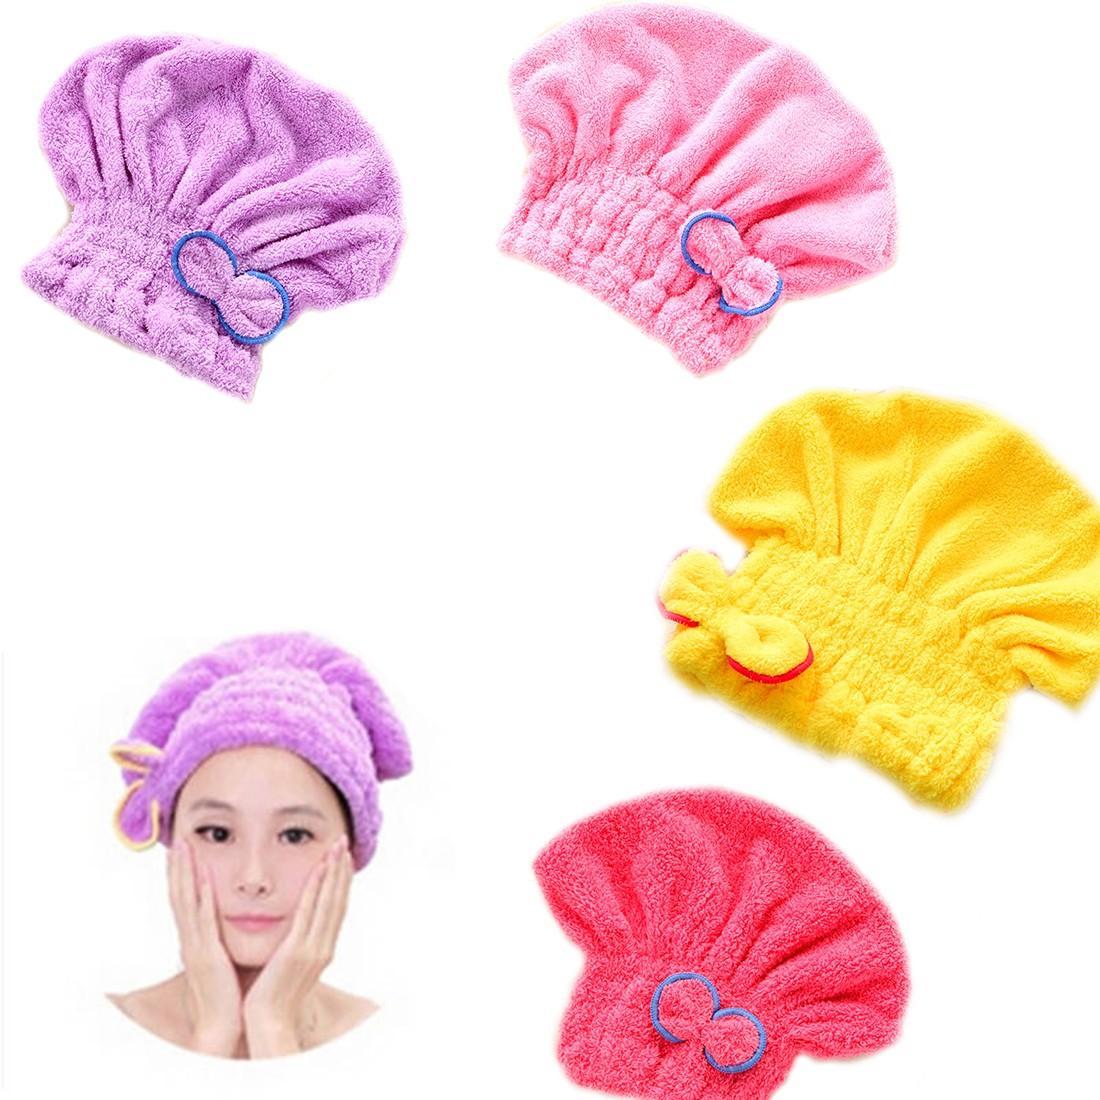 Vente en gros - Livraison gratuite Textile confortable Utile Sec Microfibre Turban Chapeaux de cheveux rapide Wrap Serviettes Bonnet de Bain Bonnet de Douche